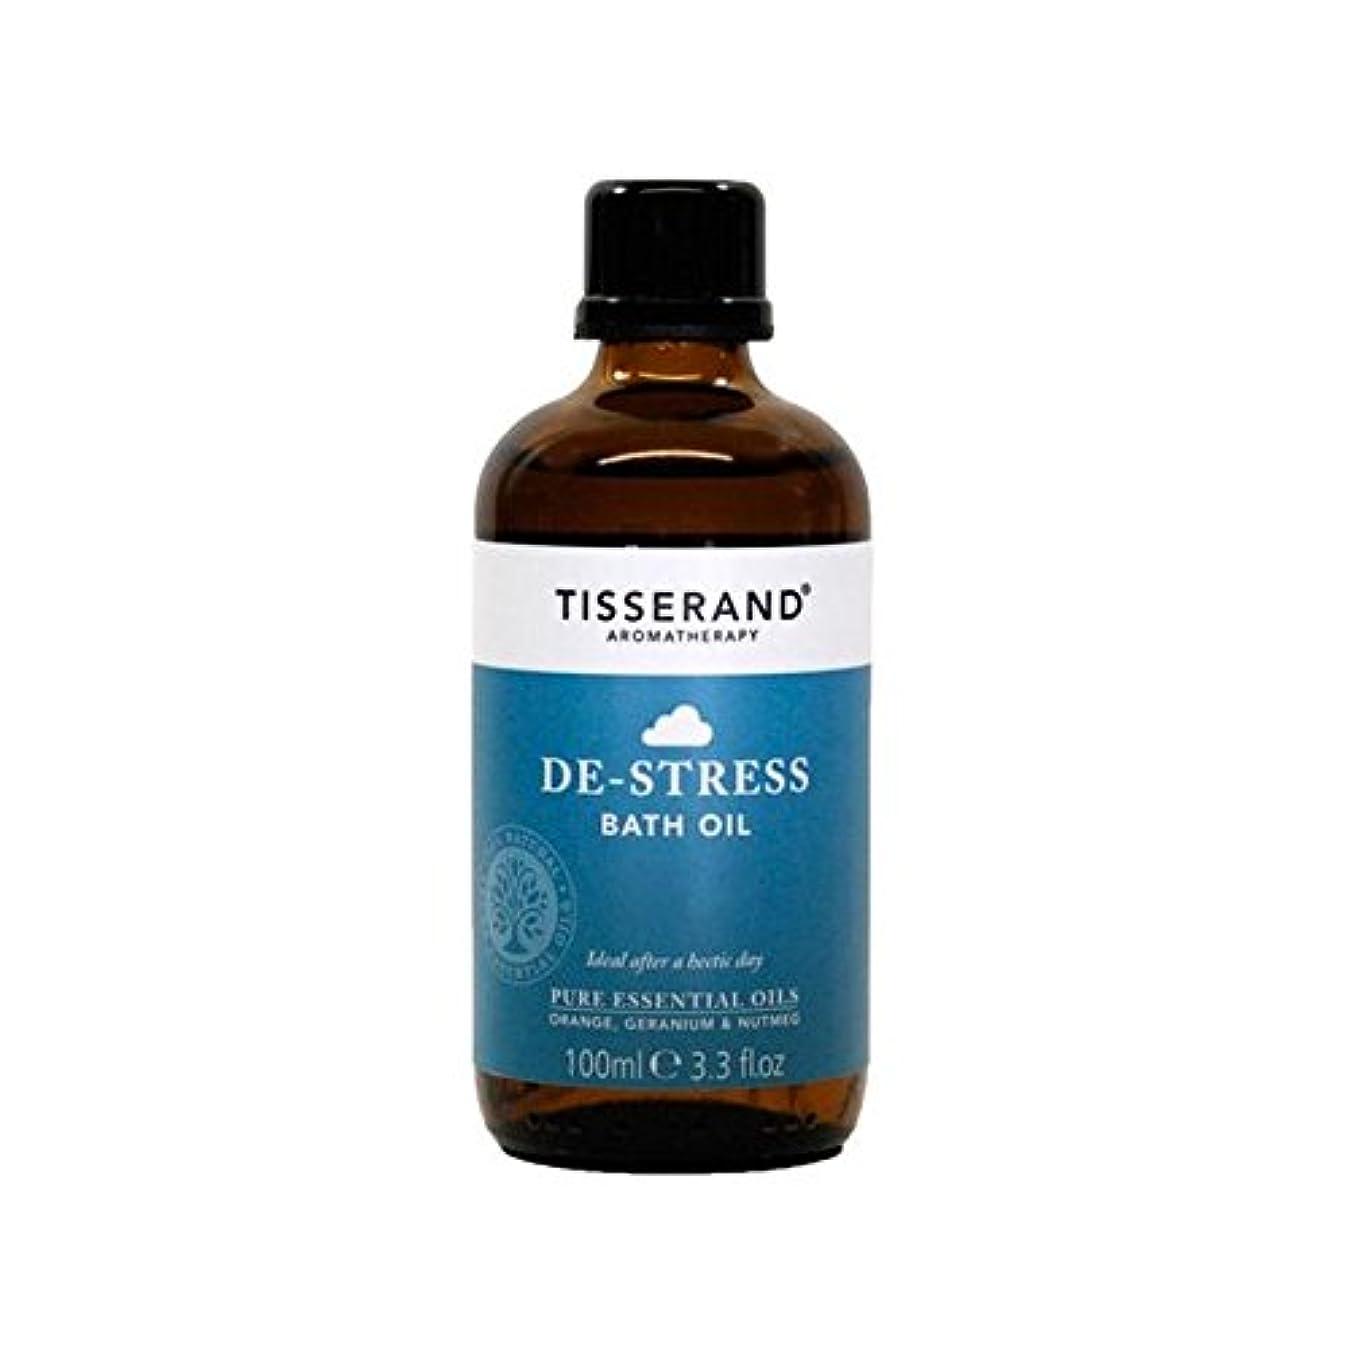 好色な通貨極貧Tisserand De-Stress Bath Oil 100ml - ティスランドストレス解消入浴オイル100ミリリットル [並行輸入品]